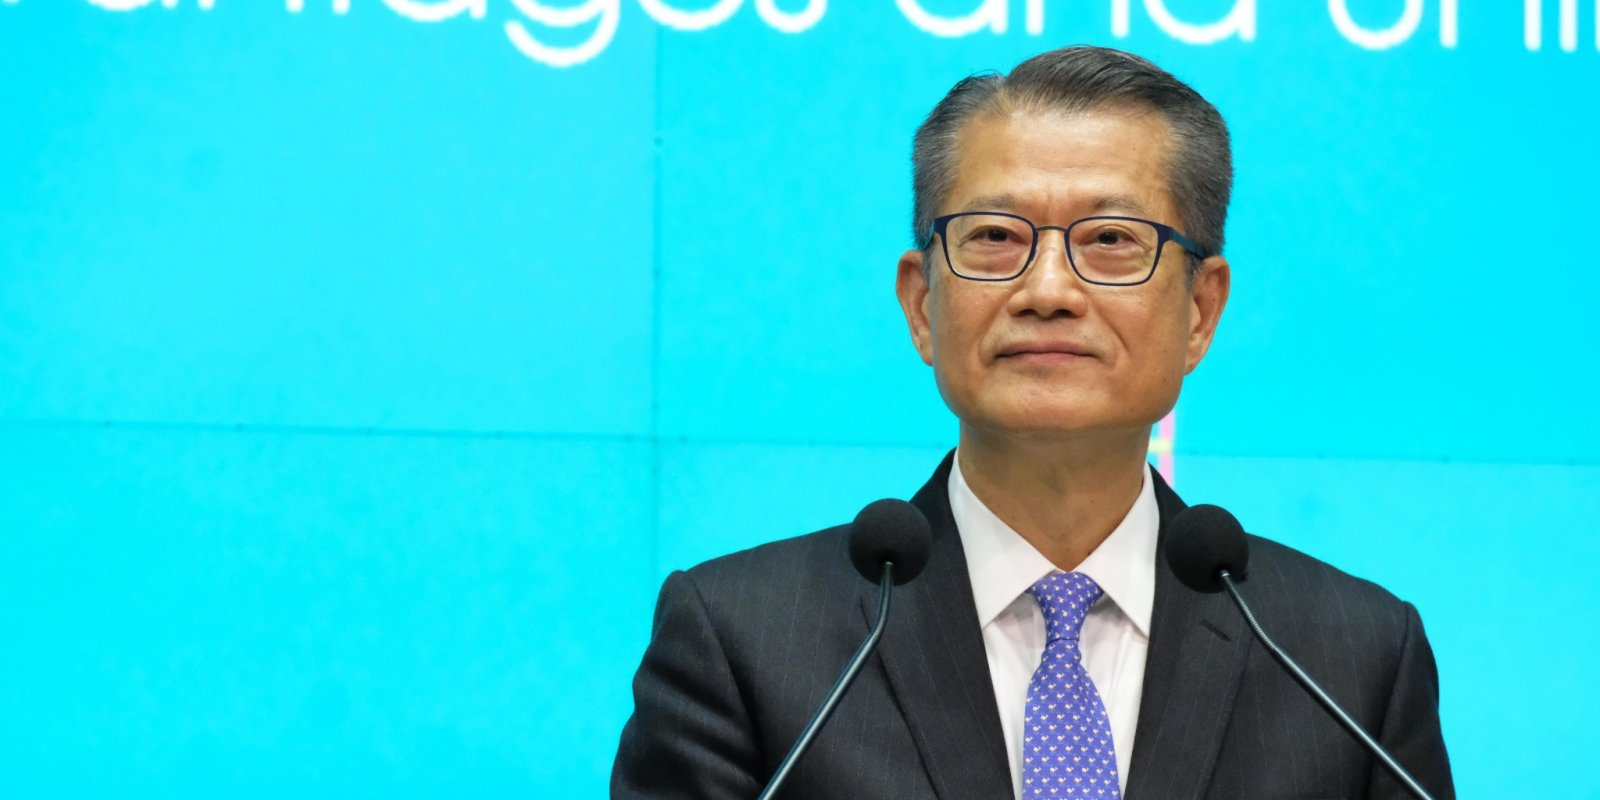 陳茂波:美國抹黑令外界對港營商環境有誤解 須以正視聽